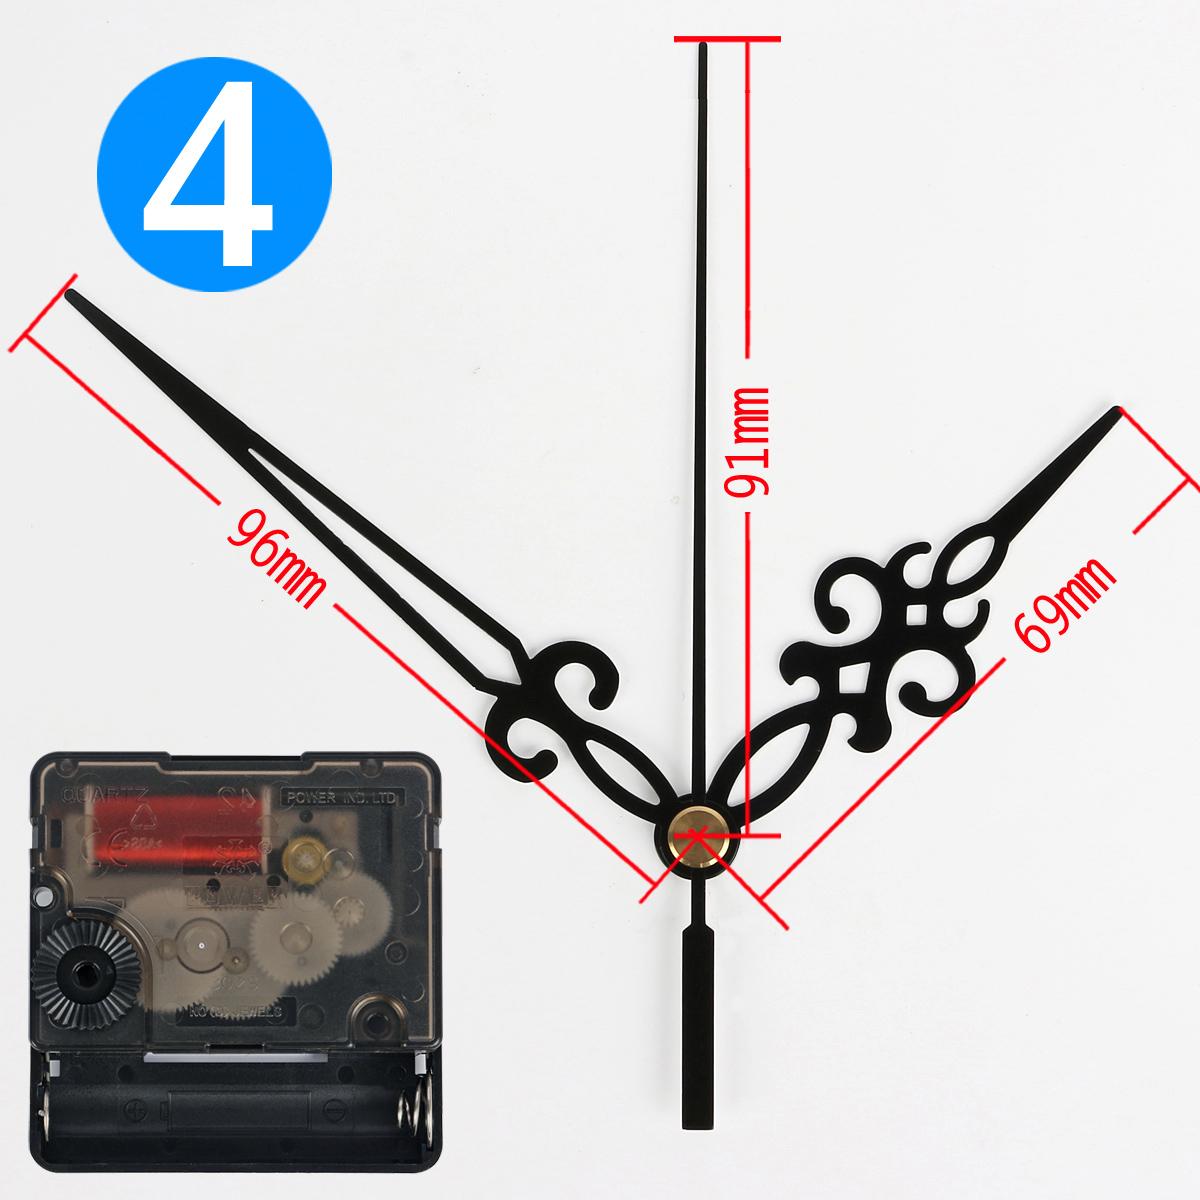 字绣挂钟表配件机芯 正品power302s扫静音长轴扣式无螺纹十,可领取元淘宝优惠券